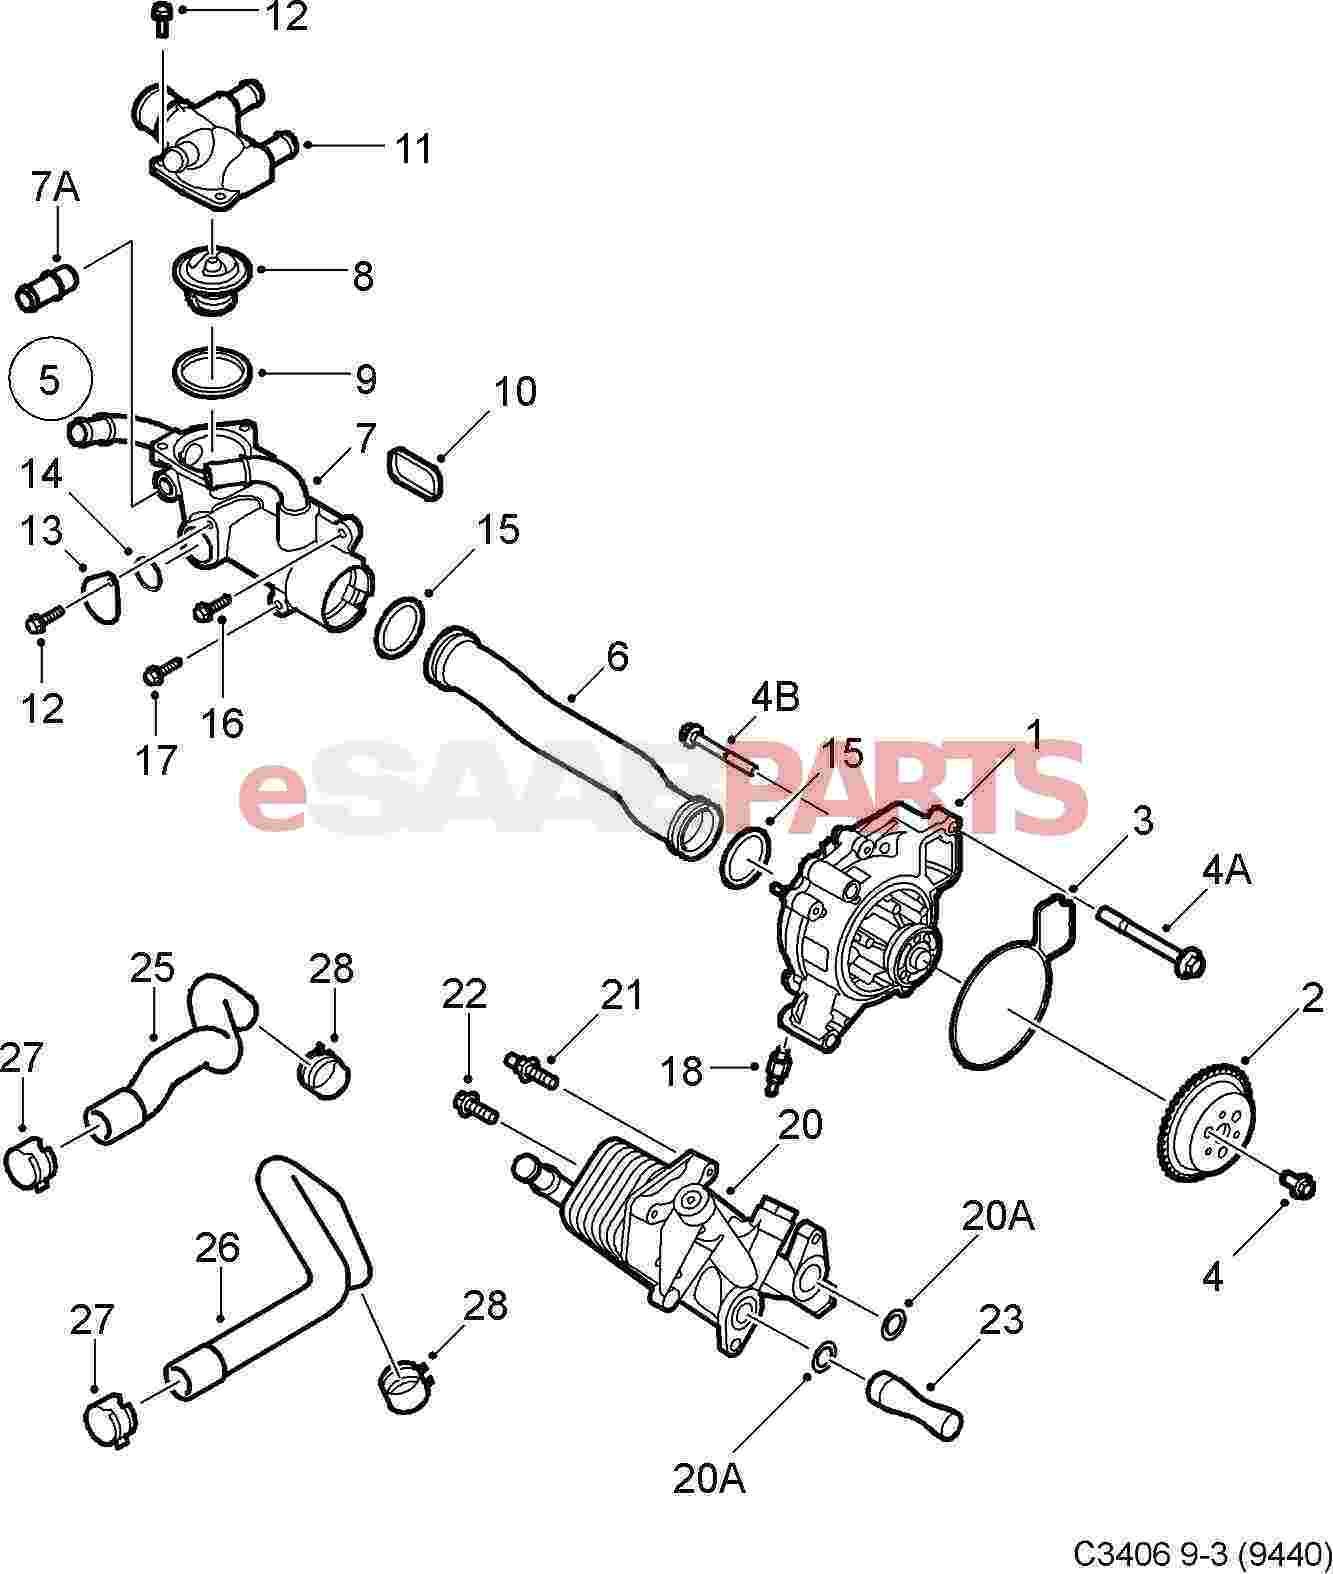 hight resolution of esaabparts com saab 9 3 9440 engine parts water pump thermostat water pump thermostat b207